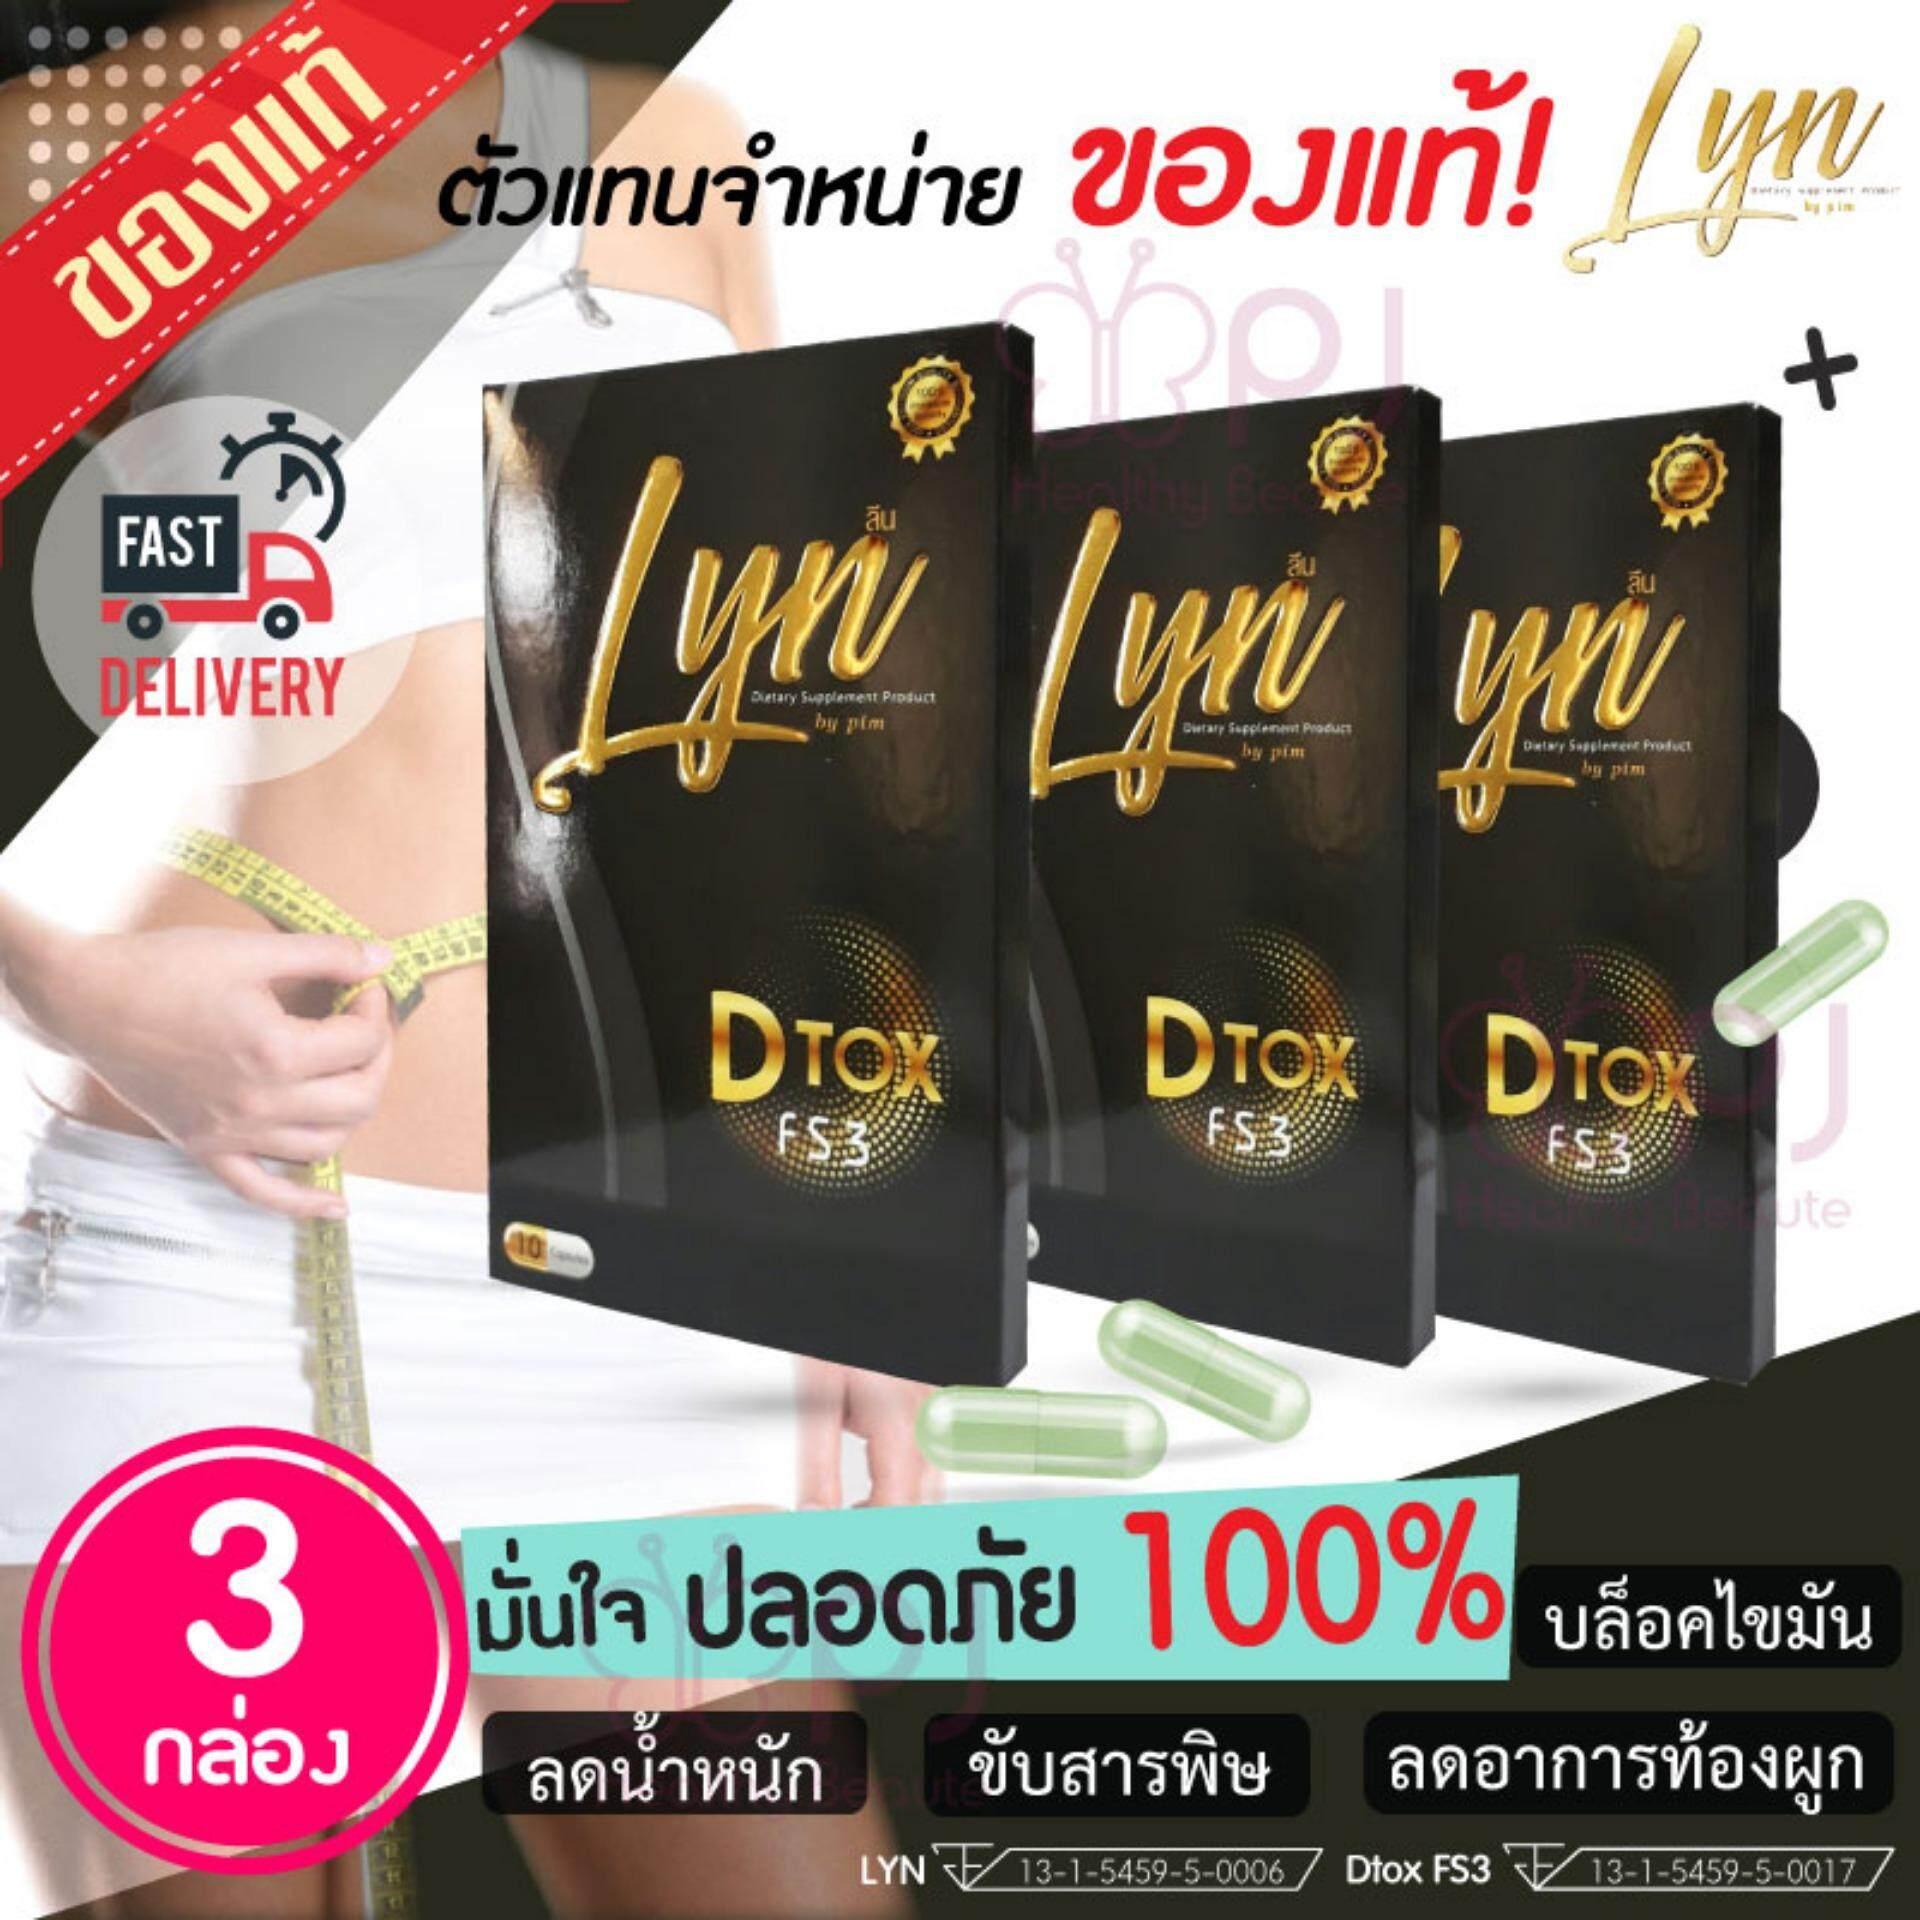 ราคา Lyn Dtox Fs3 ลีน ดีท็อกลำไส้ล้างสารพิษ ชุดเฉพาะ Dtox 3 กล่อง Dtox 10 แคปซูล X 3 กล่อง Lyn By Pim เป็นต้นฉบับ